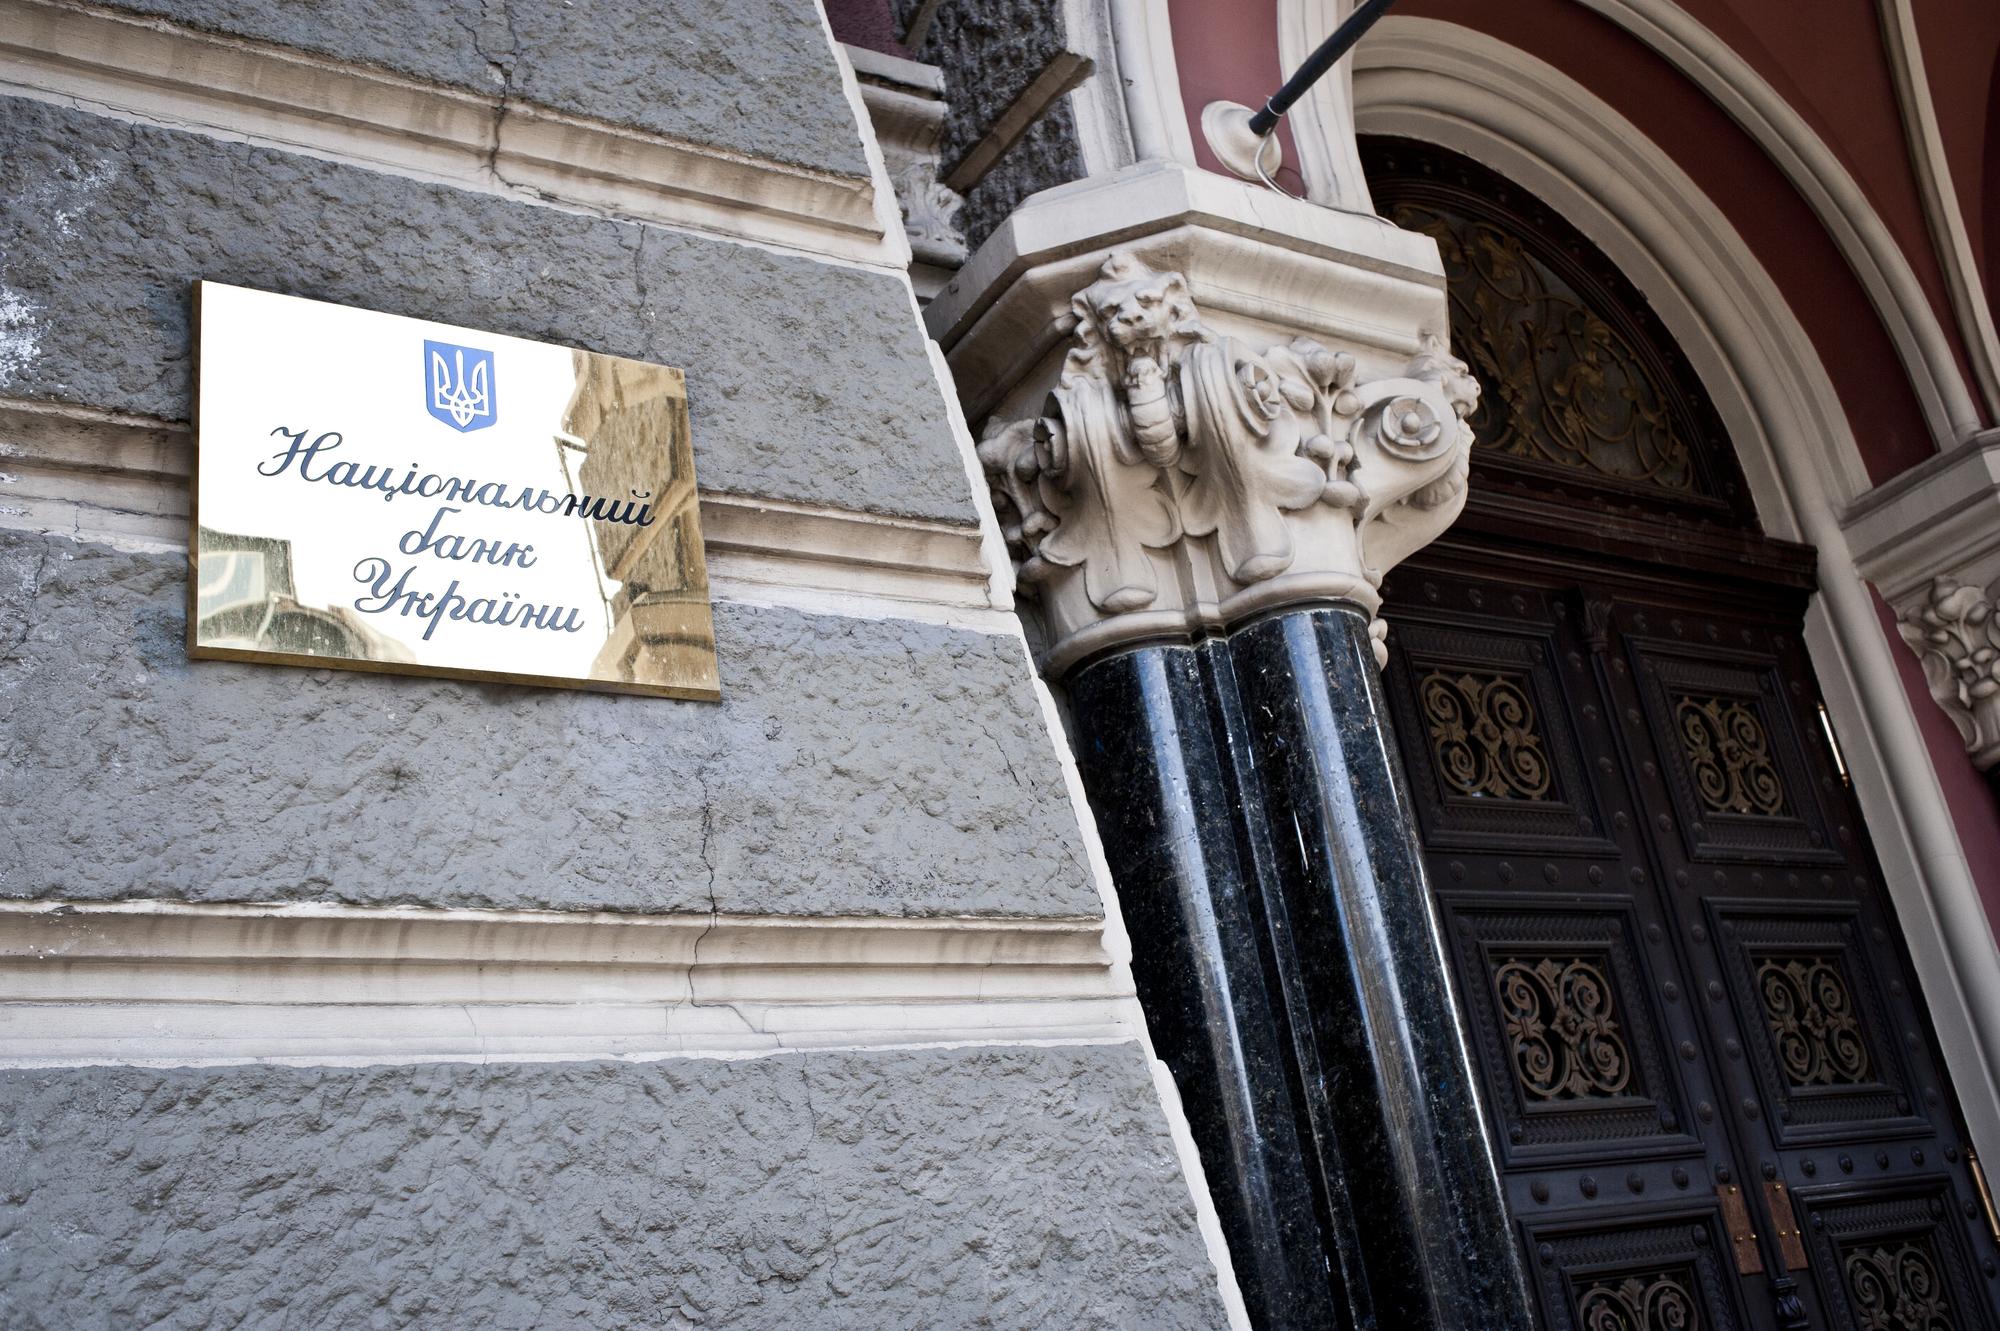 Евросоюз намерен предоставить Украине 25 млн евро на диджитализацию